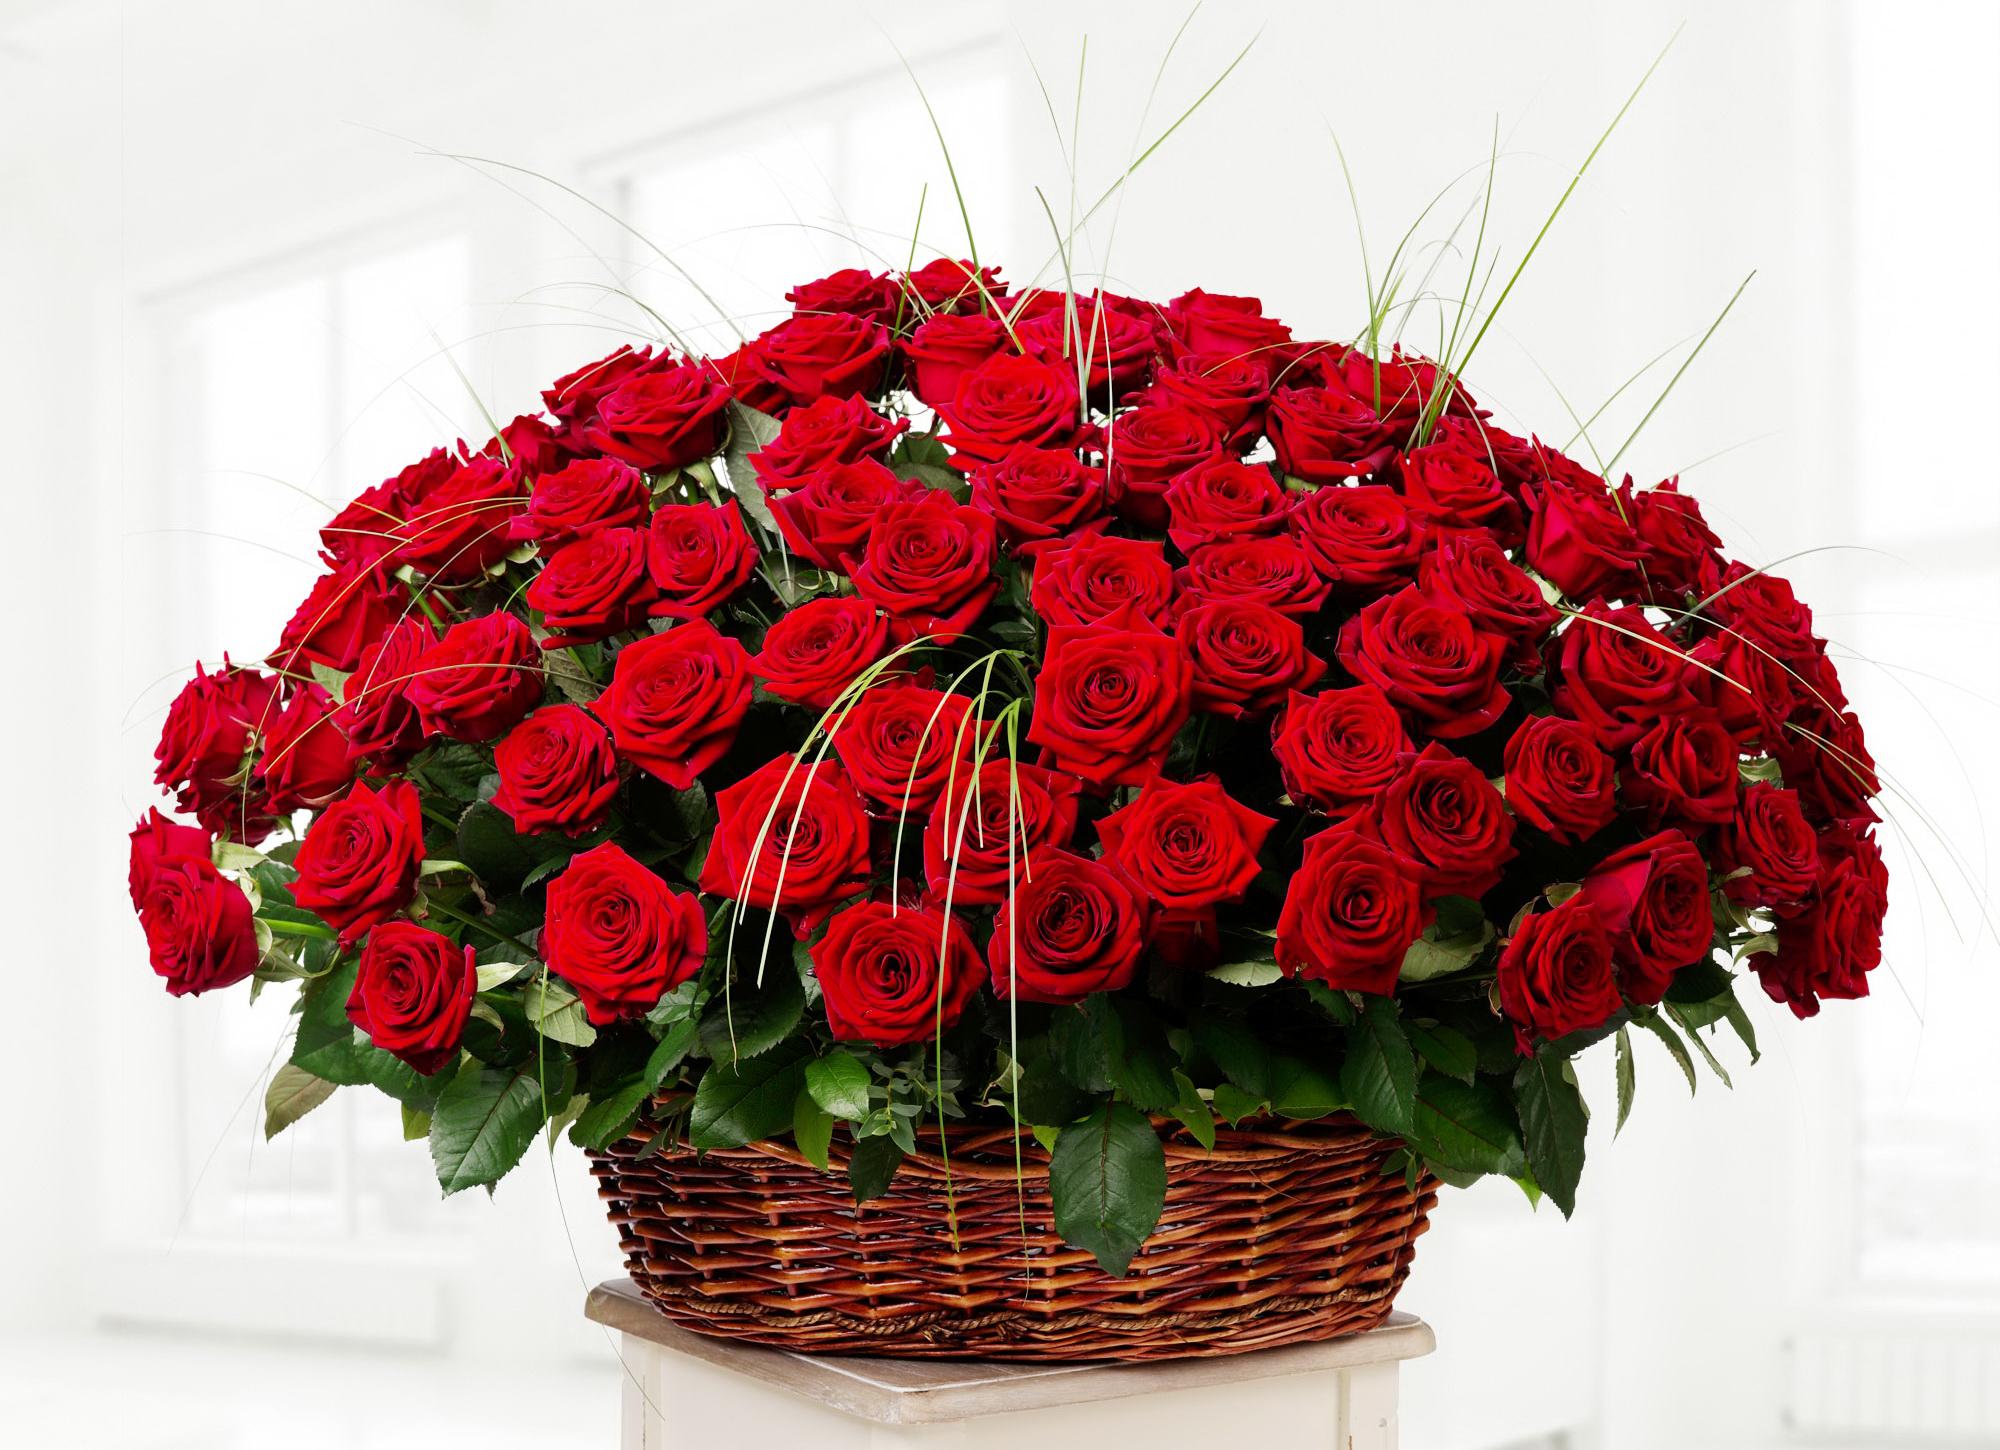 Открытка картинка большой букет роз